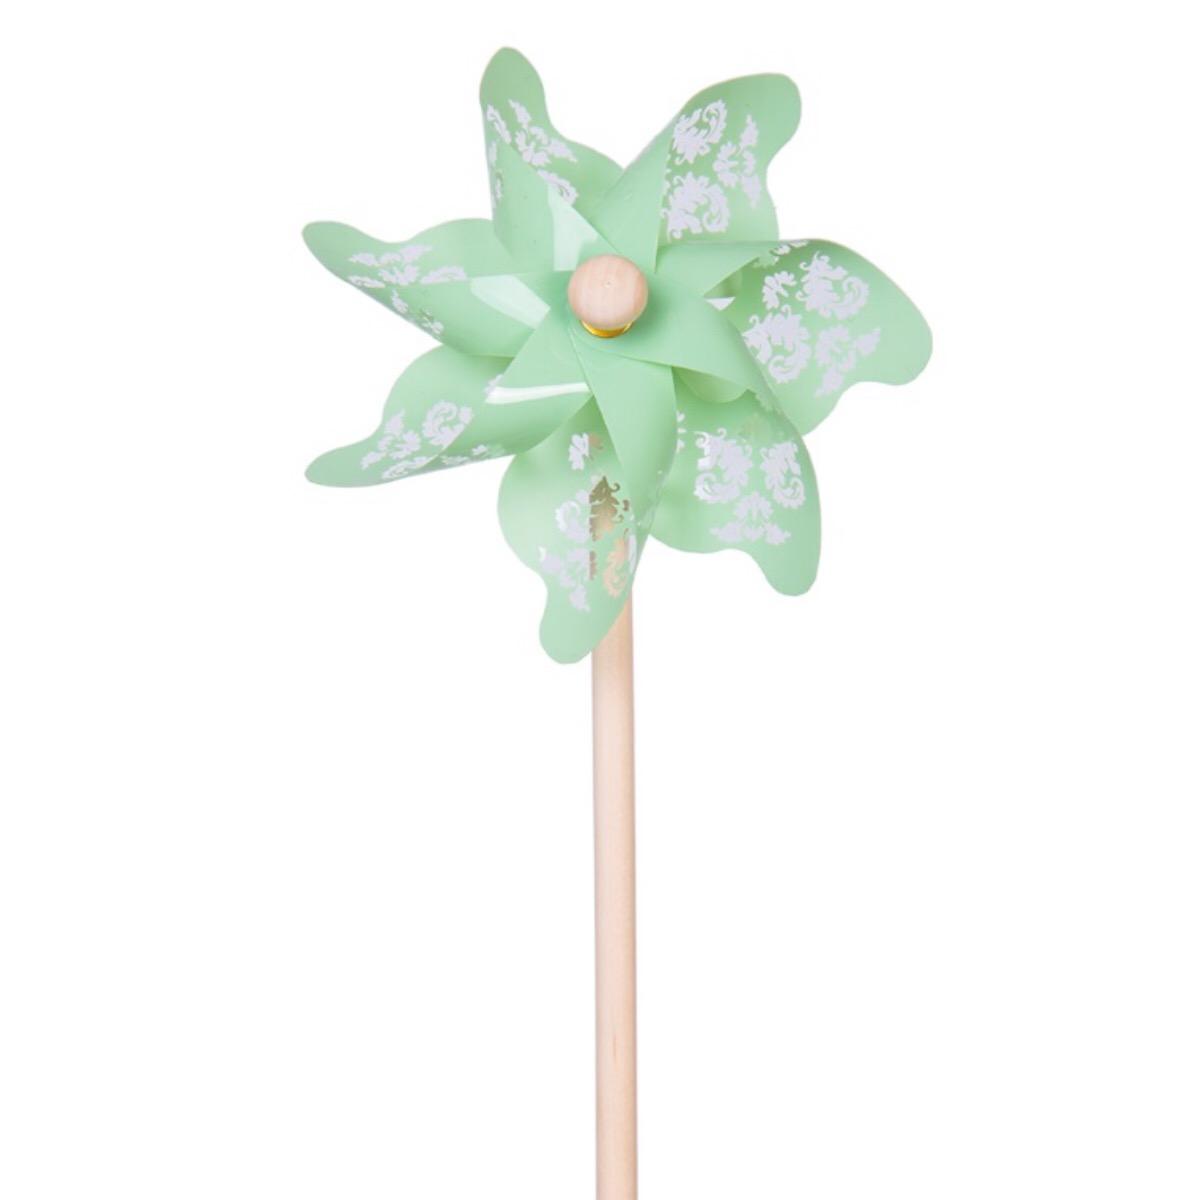 Ветрячок - Зелёный с узорами, 31 см.Разное<br>Ветрячок - Зелёный с узорами, 31 см.<br>